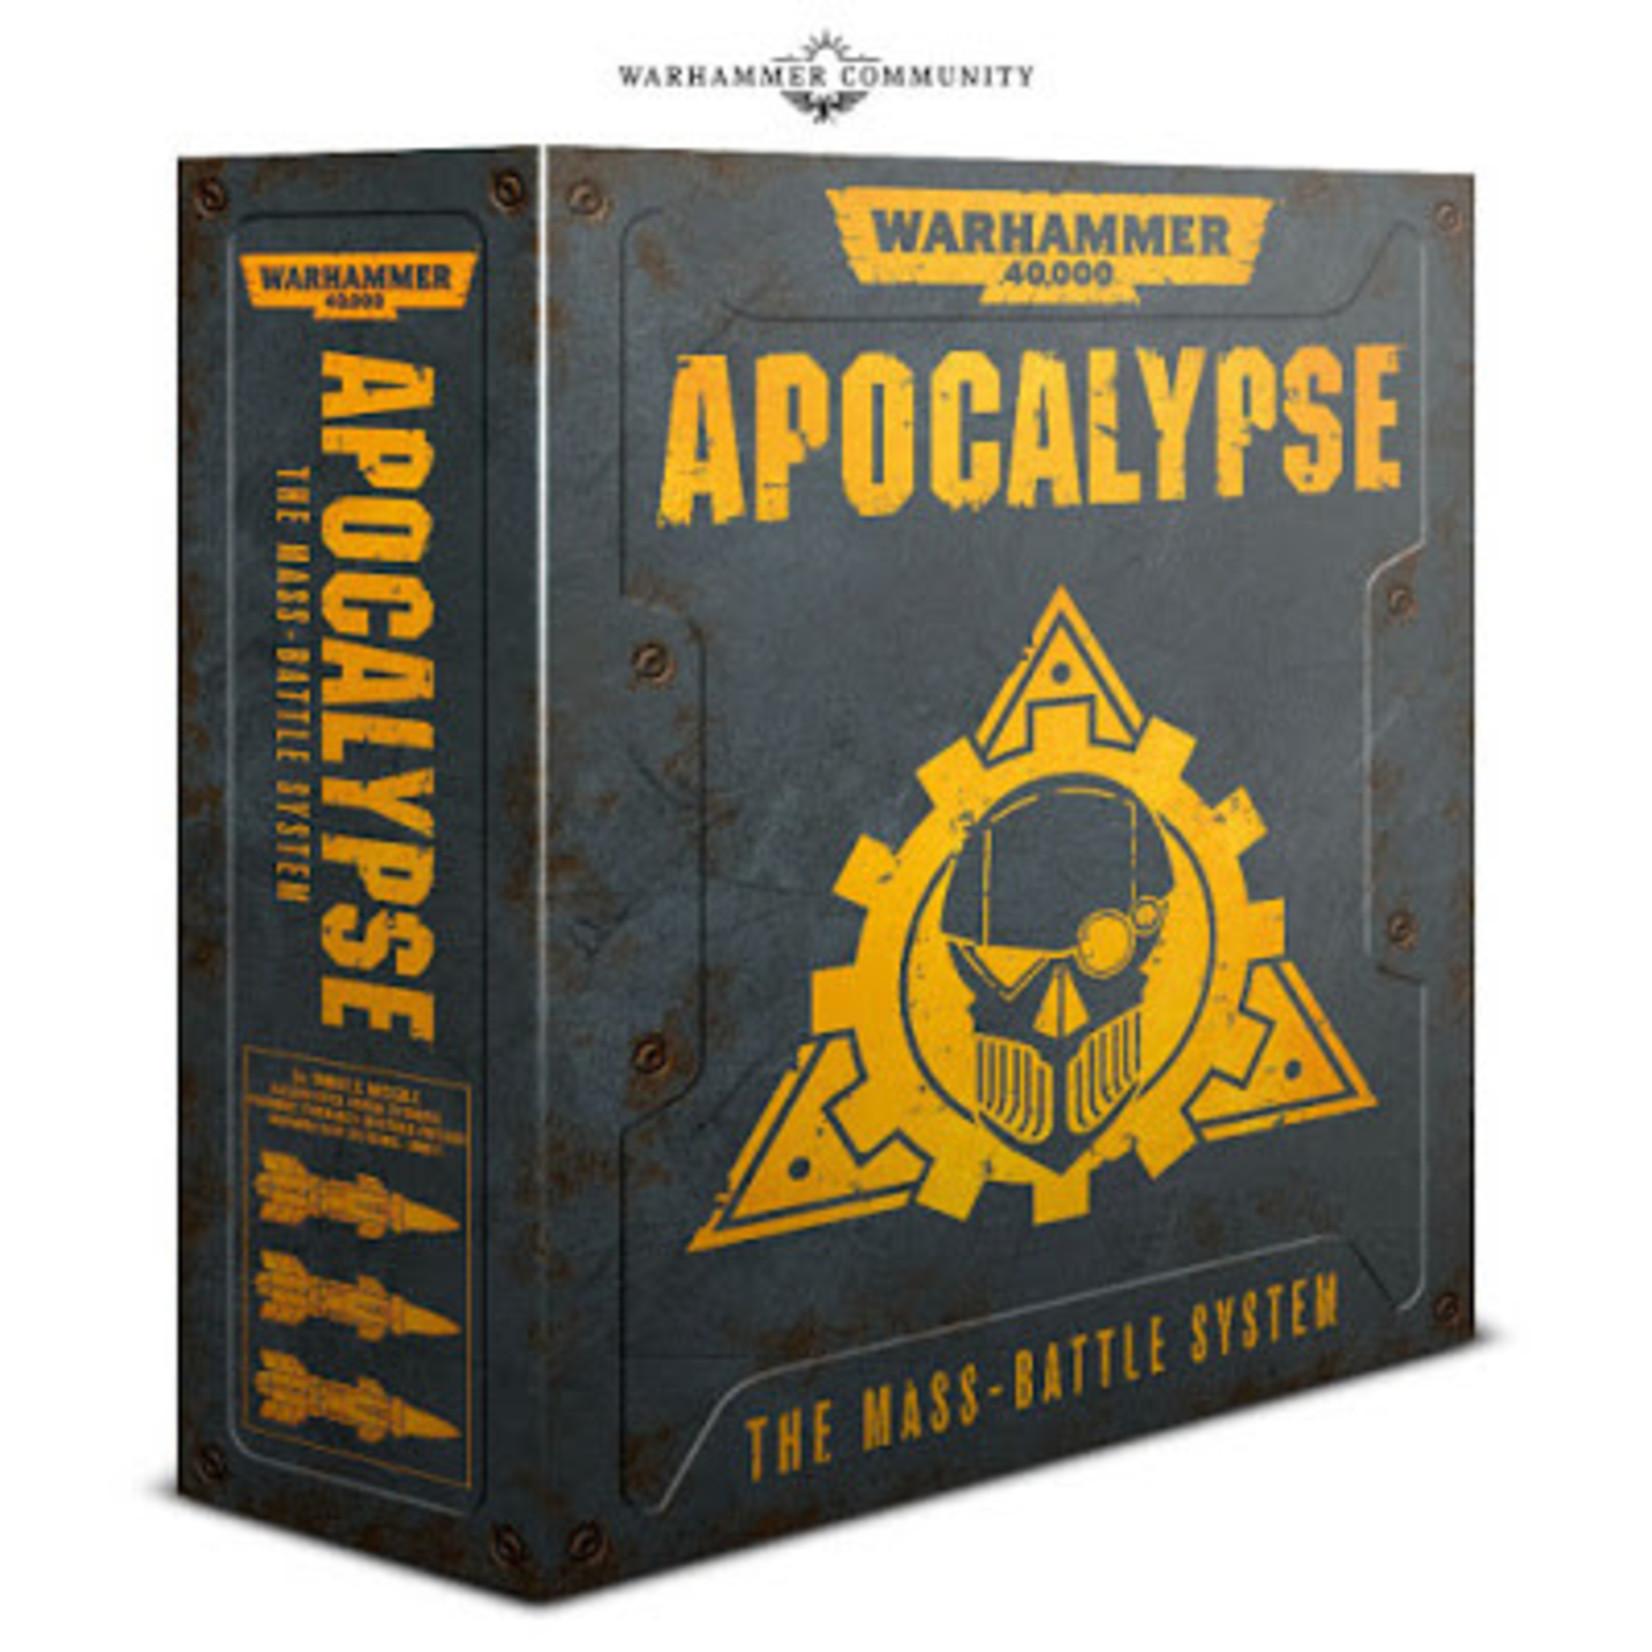 Games Workshop Warhammer 40k Apocalypse: The Mass Battle System